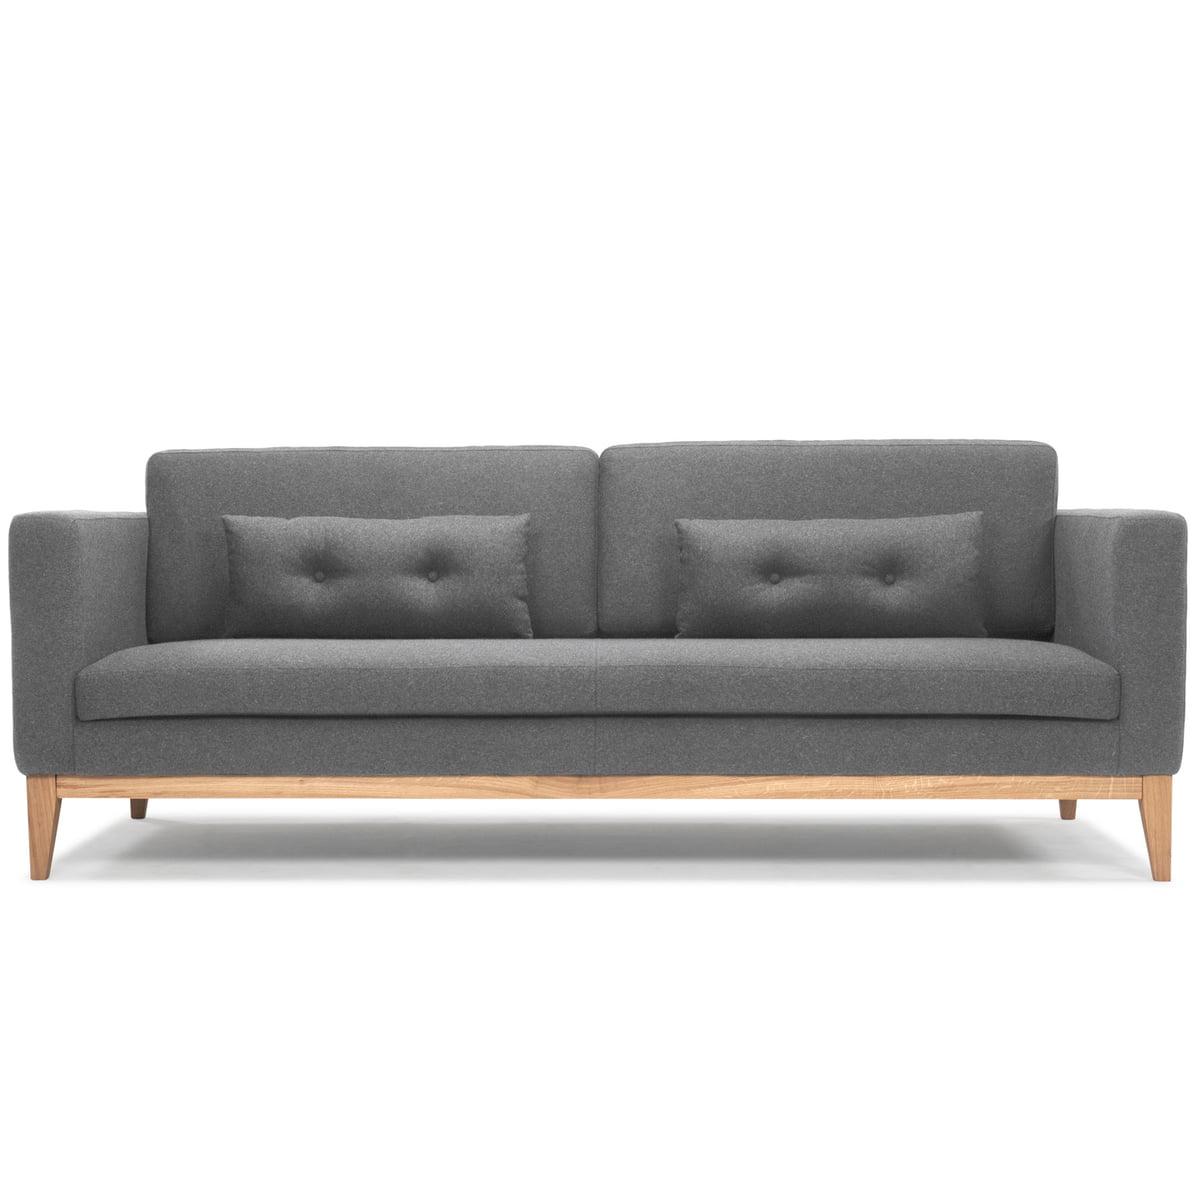 Ecksofa designklassiker  Day Sofa von Design House Stockholm online kaufen